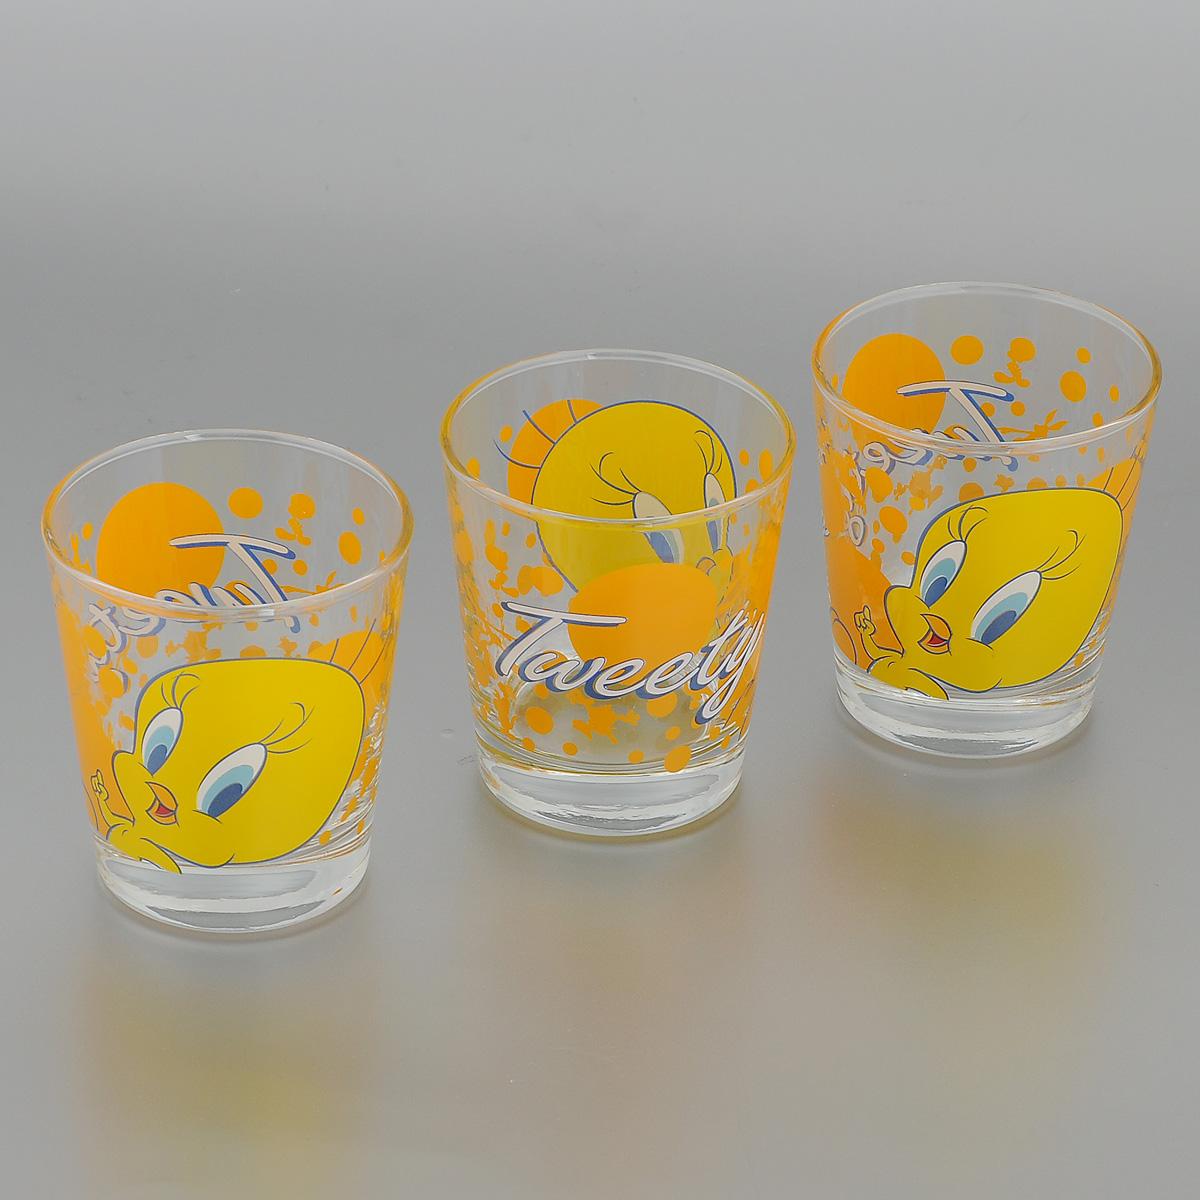 Набор стаканов Pasabahce Tweety, 180 мл, 3 шт42874B/D1Набор Pasabahce Tweety состоит из трех стаканов, выполненных из прочного натрий-кальций-силикатного стекла. Стаканы декорированы изображением Диснеевского героя - Твити. Изделия хорошо удерживают тепло, не нагреваются. На них не выгорает и не вымывается рисунок. Теперь заставить вашего малыша сесть поесть будет очень просто. Посуда Pasabahce будет радовать детей яркими и интересными рисунками, а родителей качеством изготовления. Не рекомендуется мыть в посудомоечных машинах и использовать в микроволновых печах. Диаметр стакана по верхнему краю: 7 см. Высота стакана: 8 см.